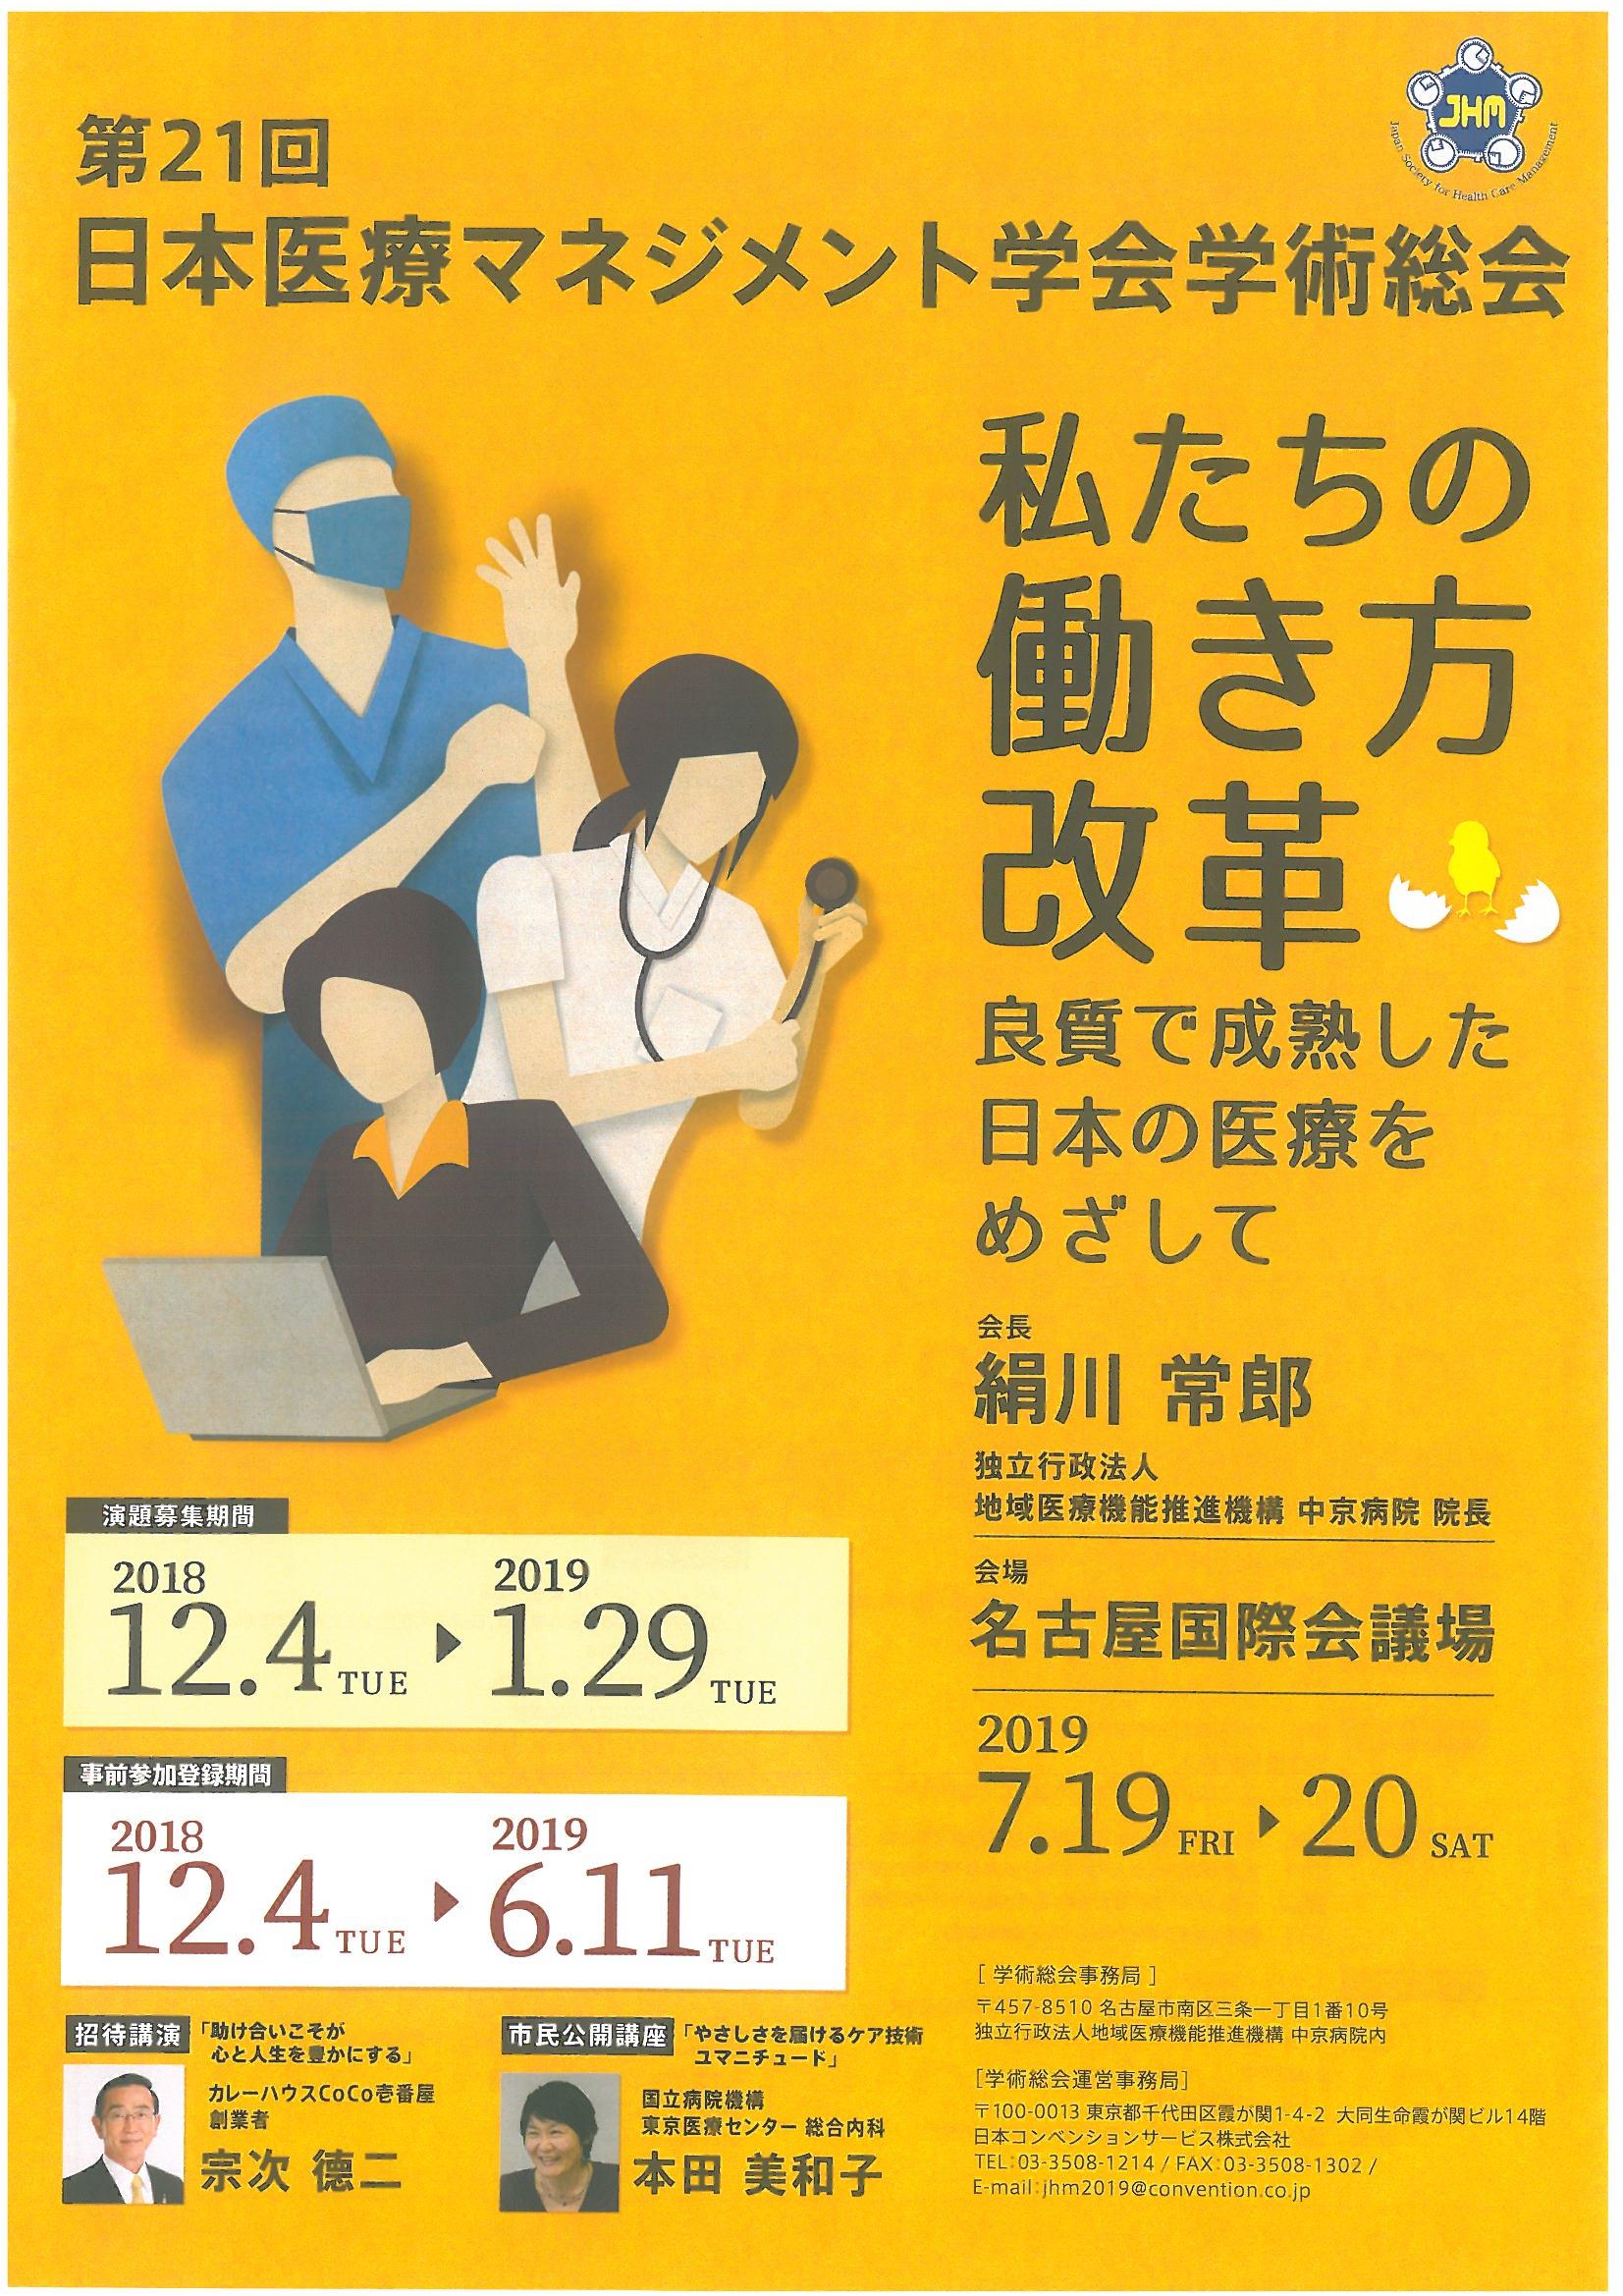 第21回 日本医療マネジメント学会学術総会 @ 名古屋国際会議場